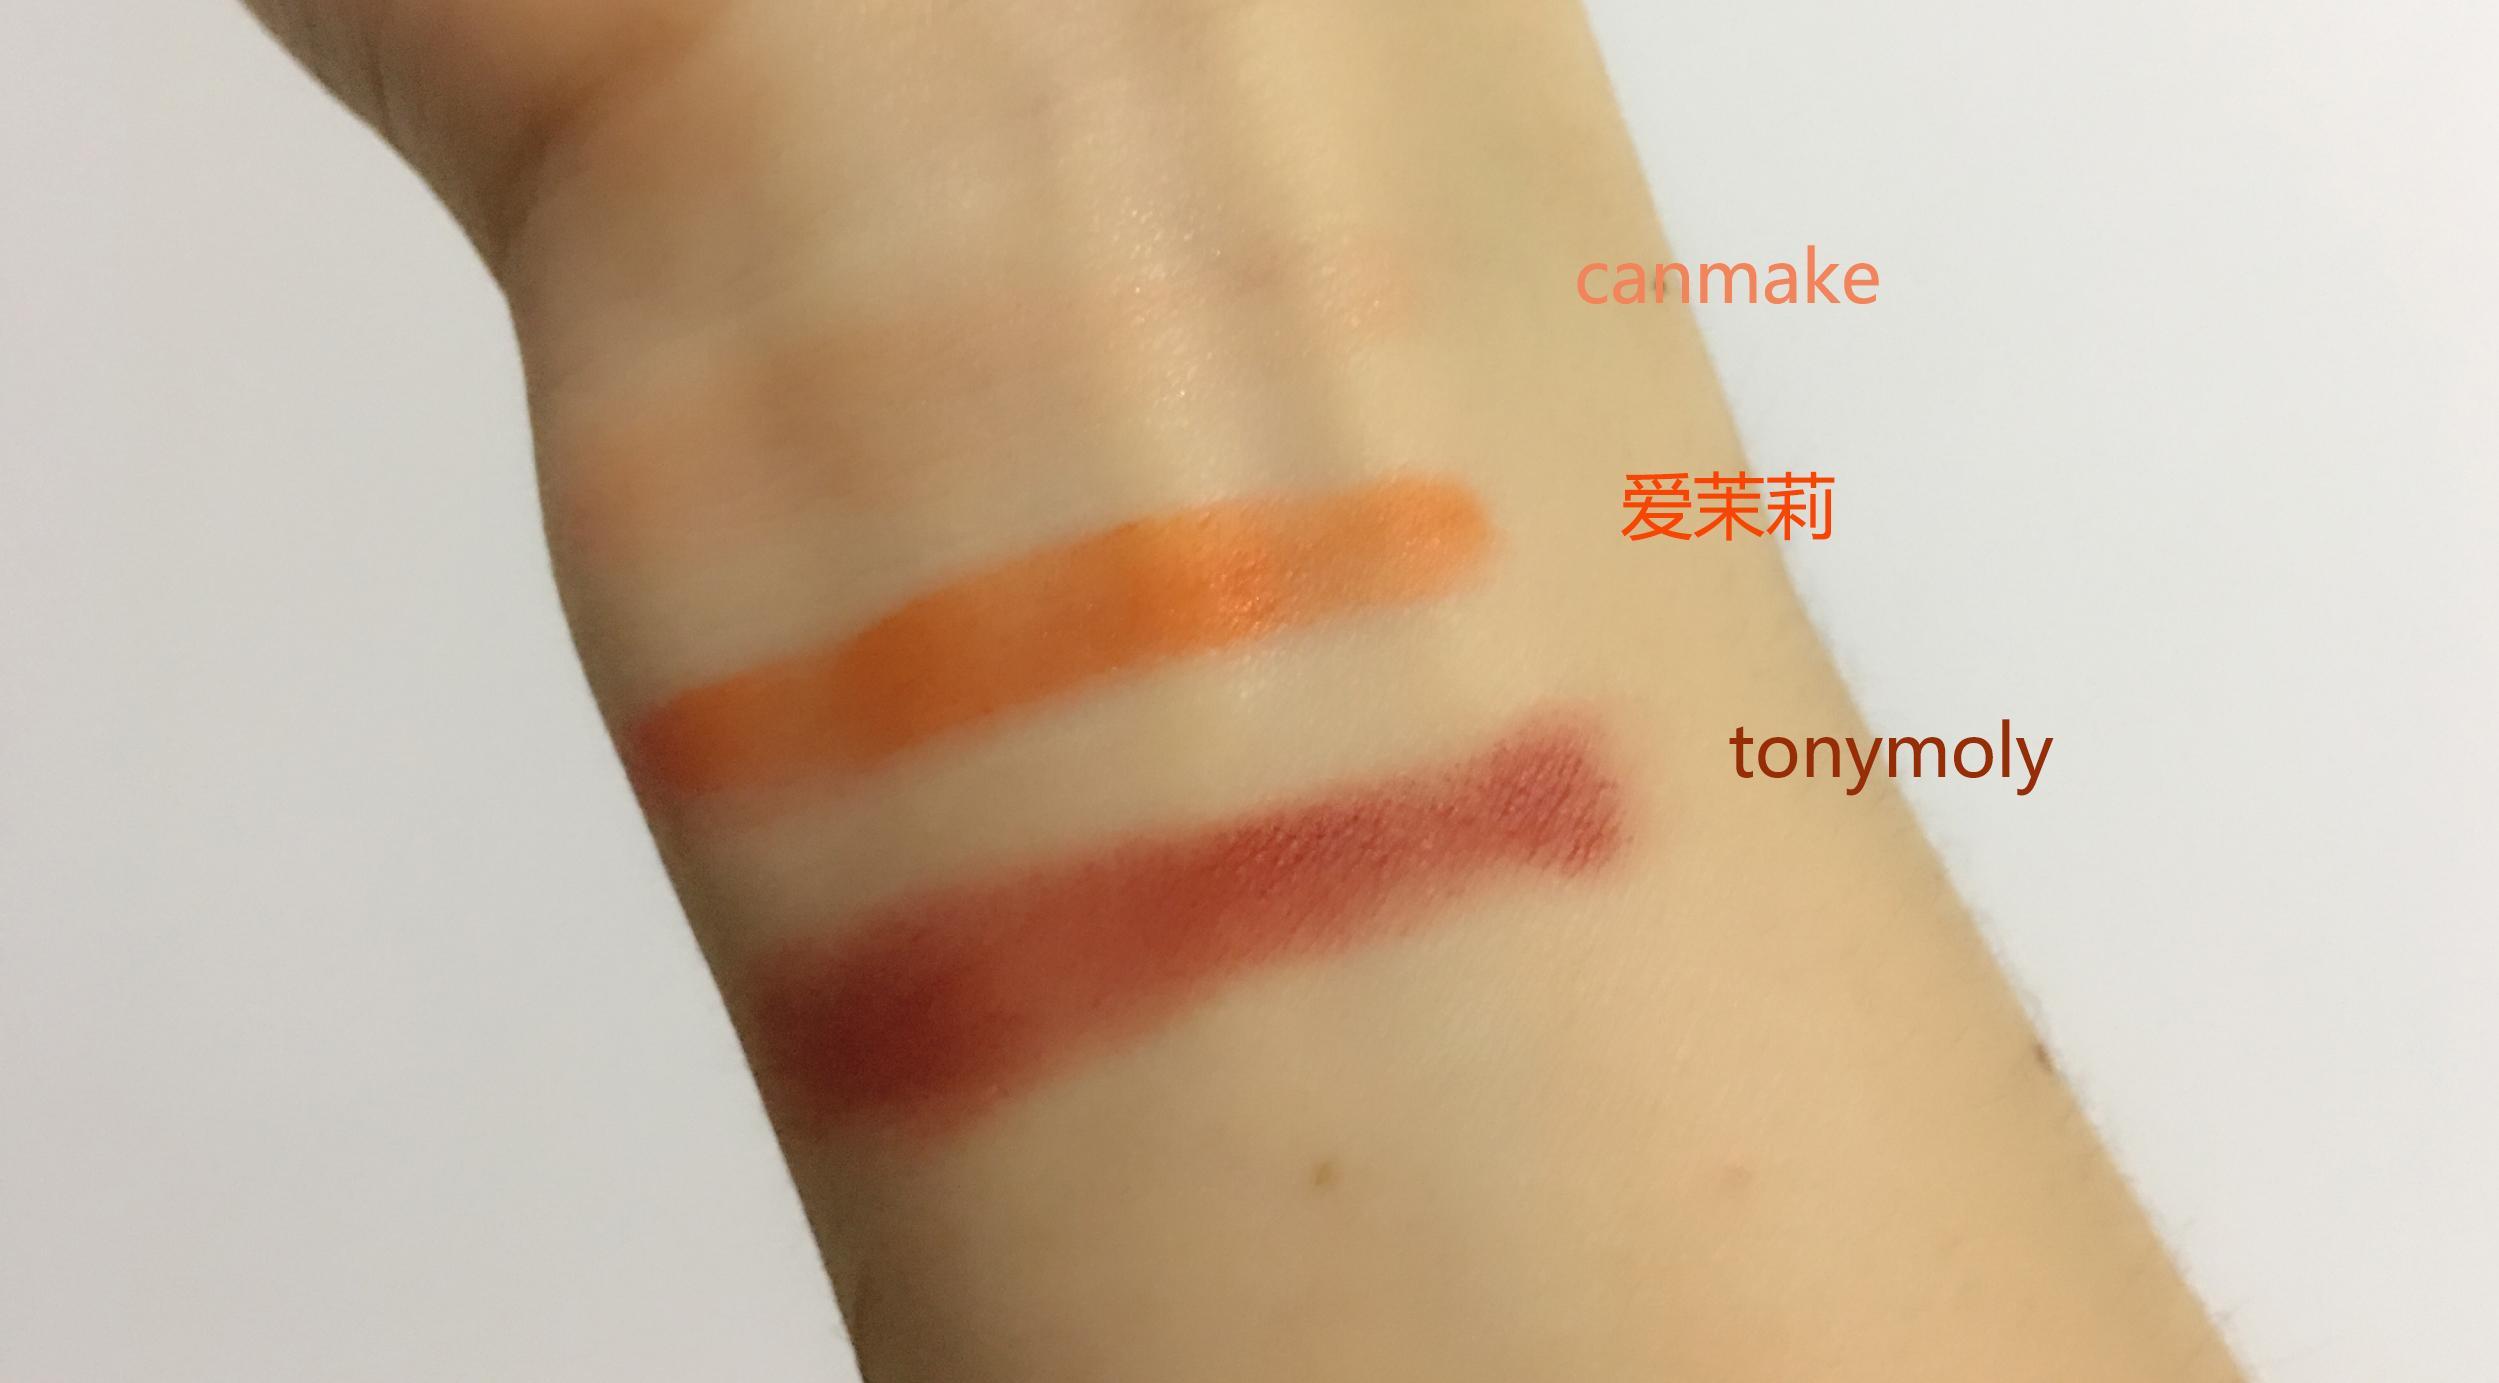 色撸擦_总的来说爱茉莉的唇釉色牢度最佳,然后是tonymoly的唇膏,而canmake的